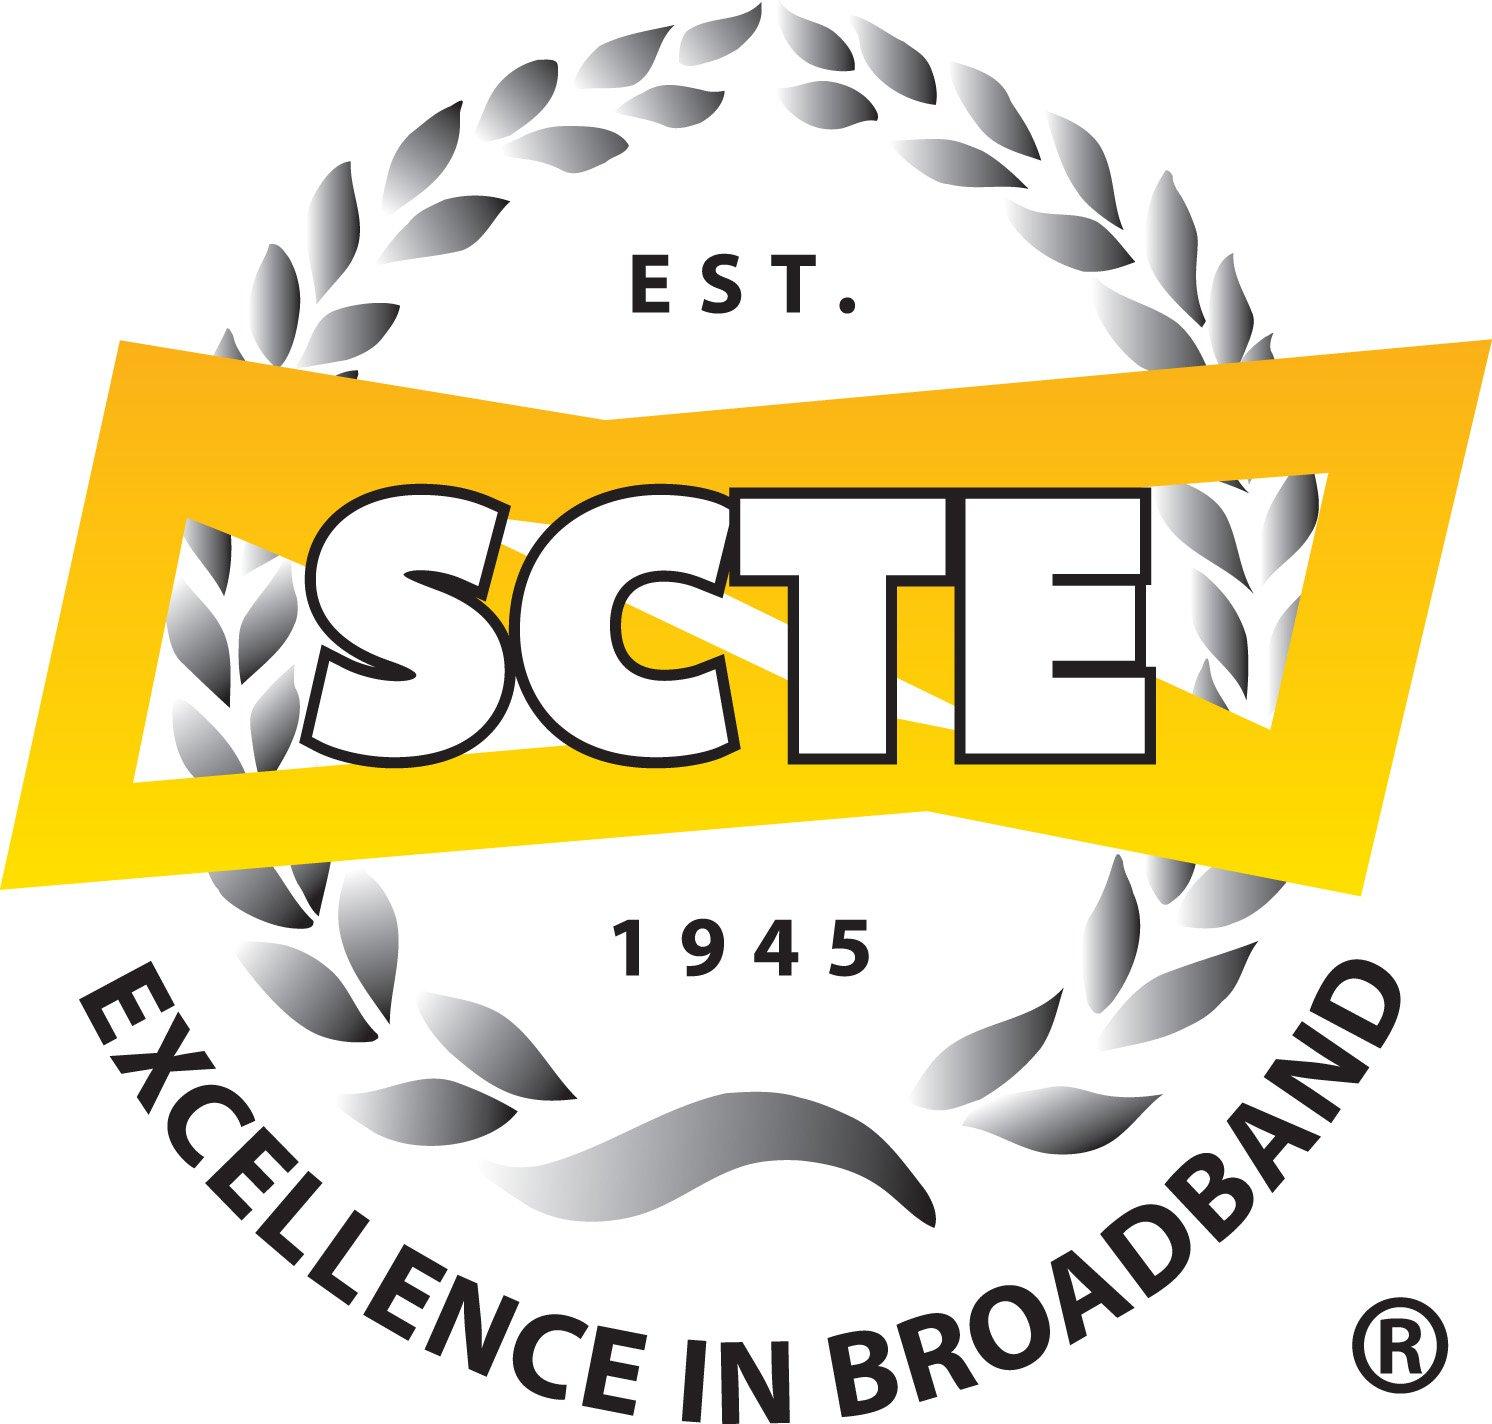 scte-logo-member.JPG